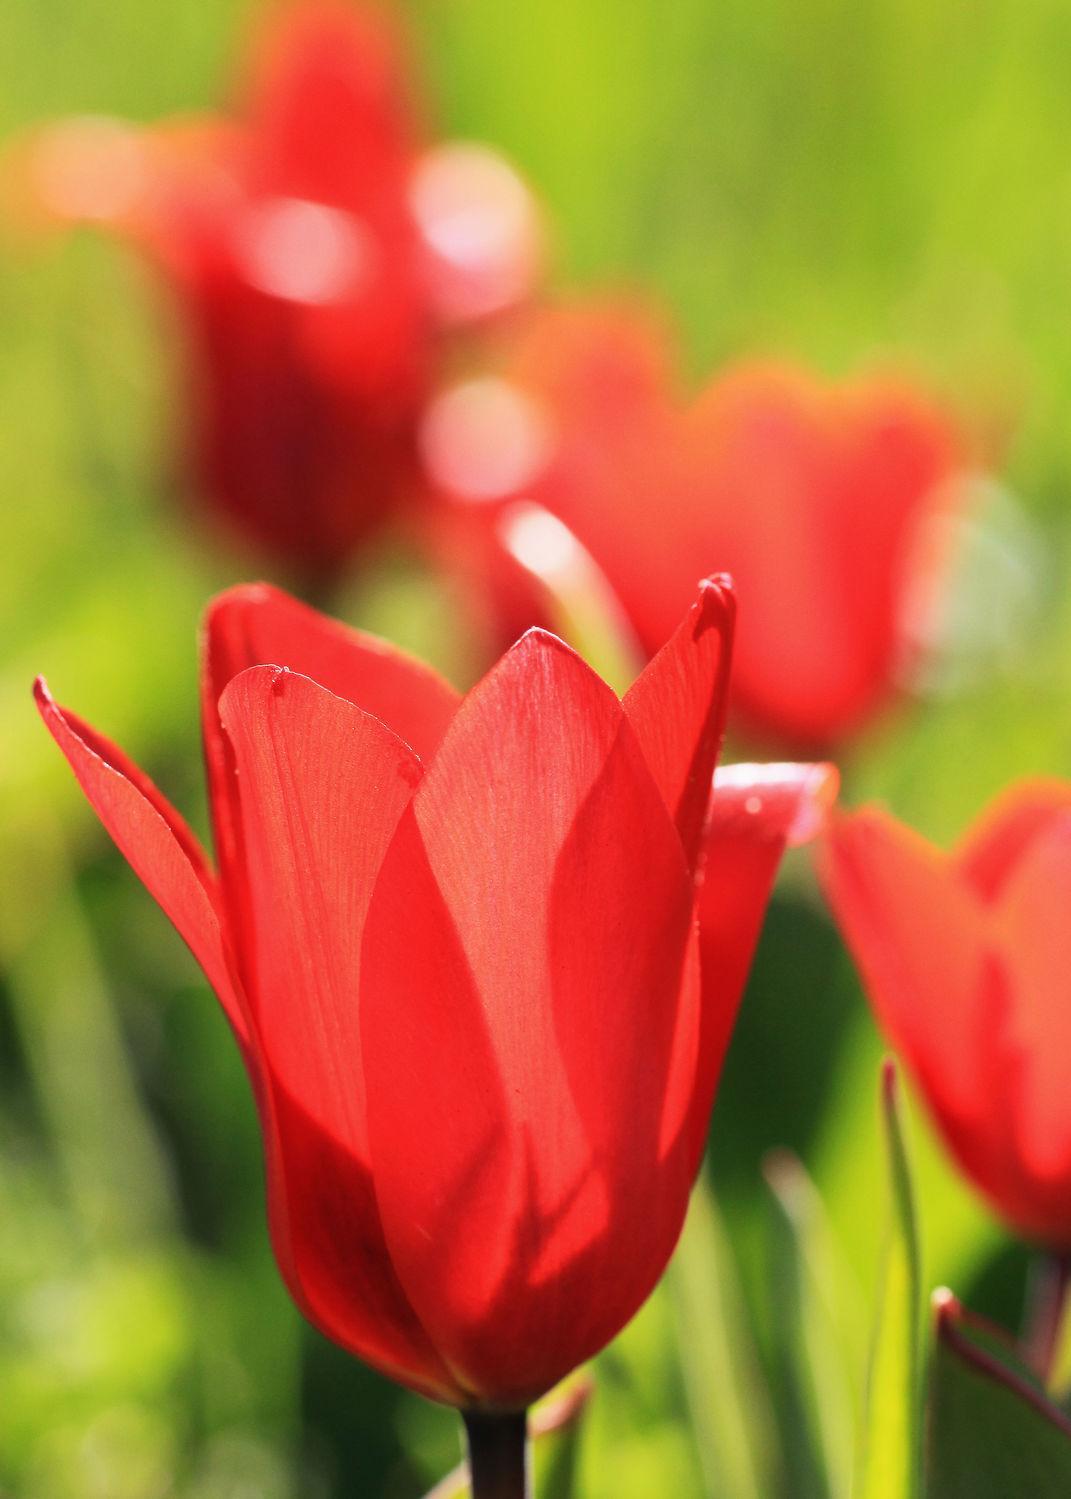 Bild mit Pflanzen, Blumen, Blume, Pflanze, Tulpe, Tulpen, rote Tulpe, rote Tulpen, Blüten, blüte